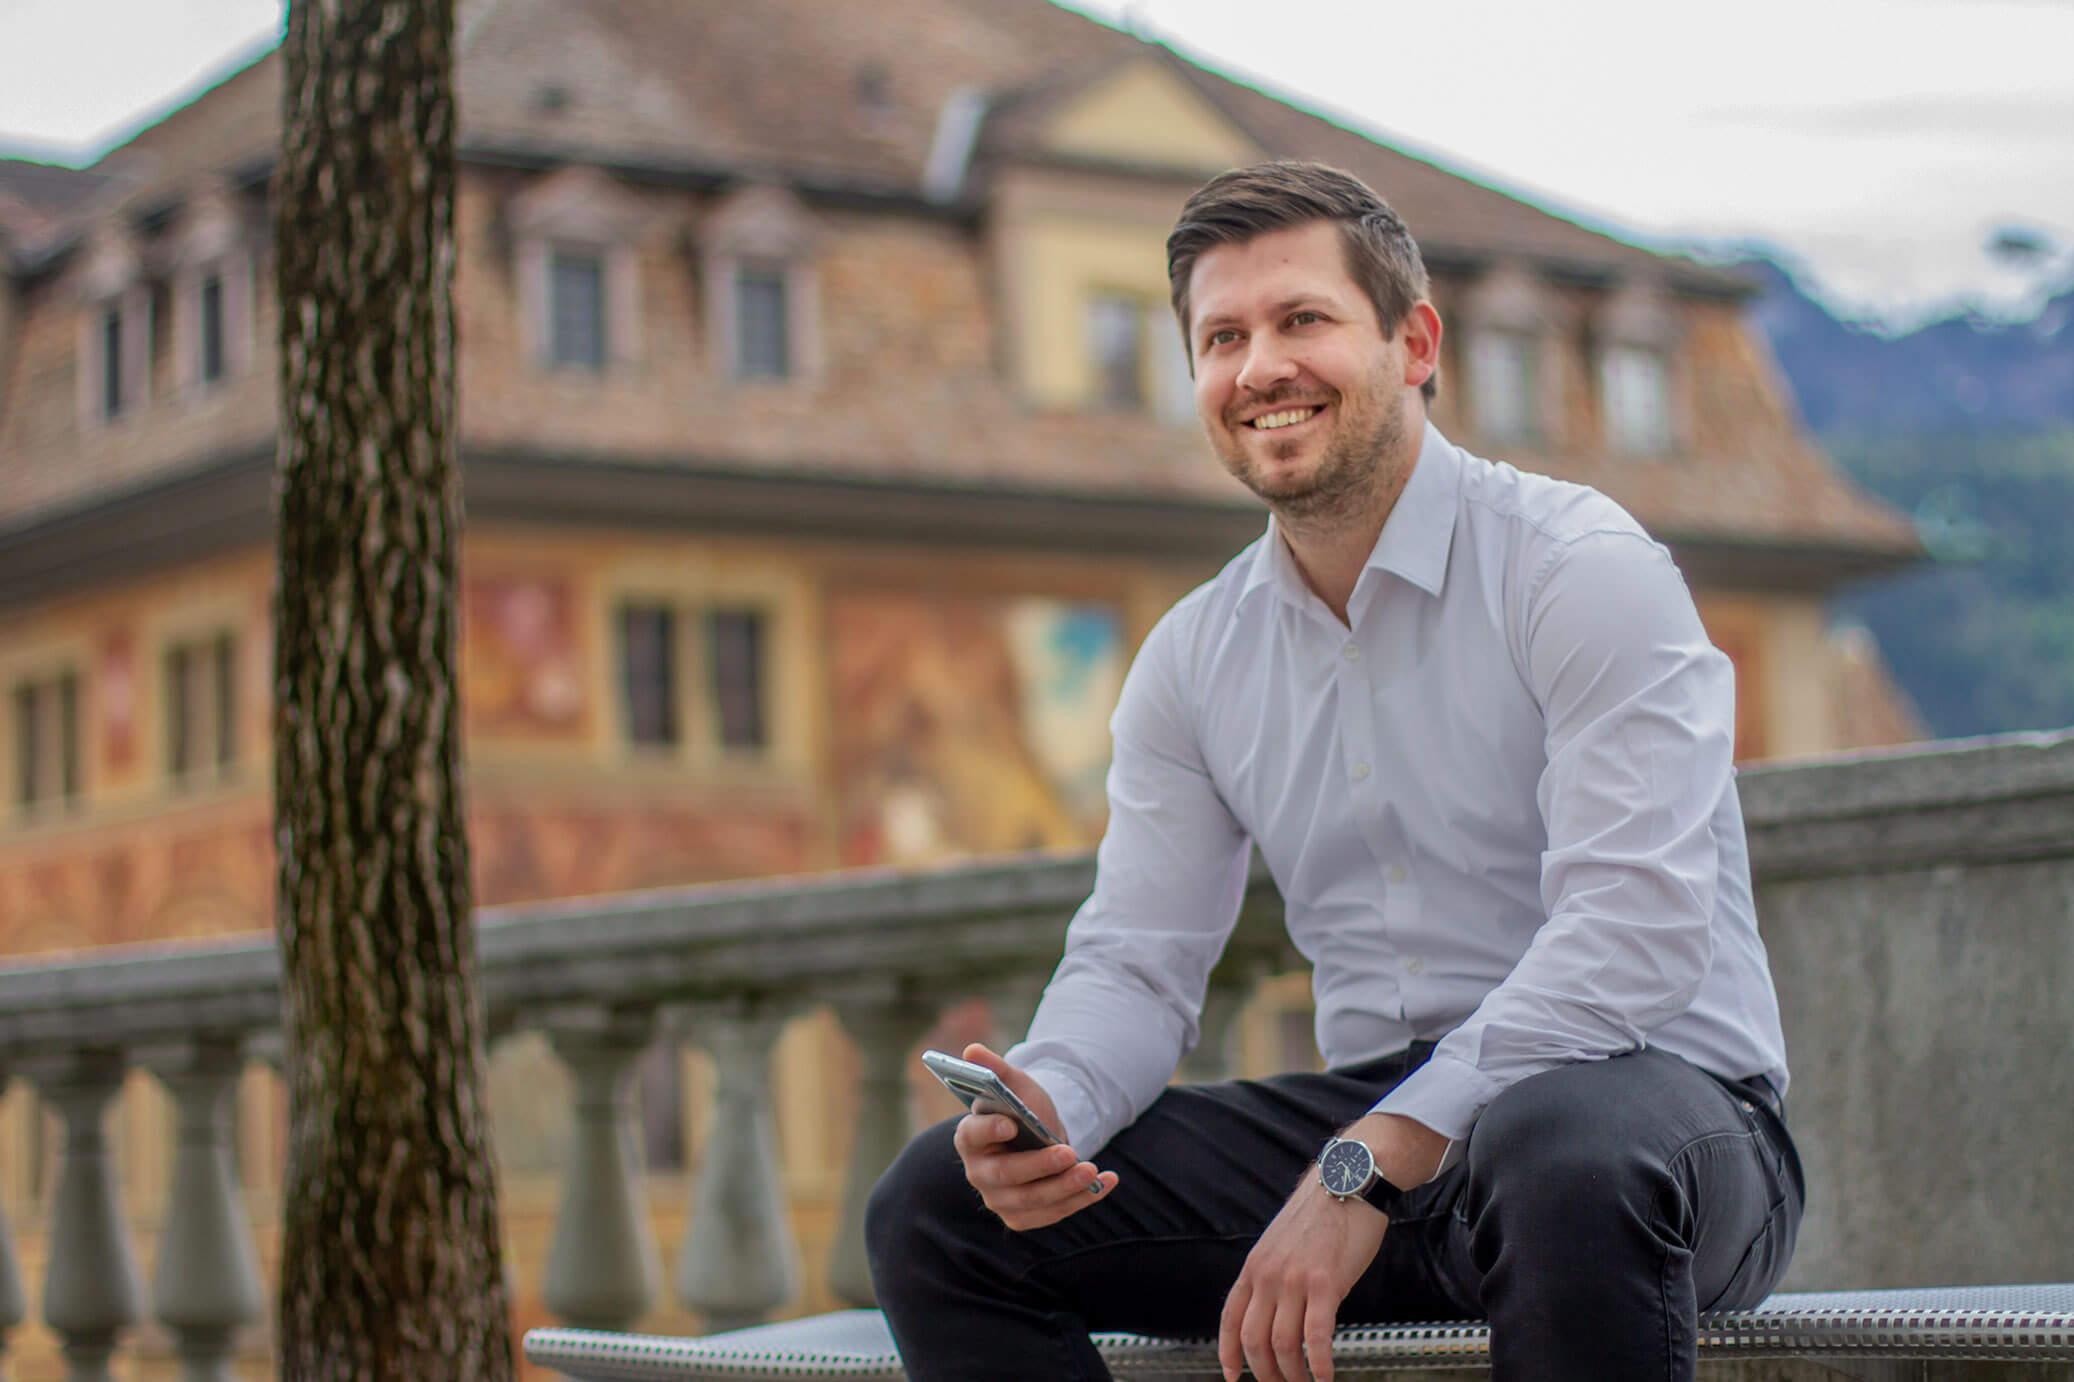 Dominik-Blunschy-Blunschy2019-Wahlkampf-2019-Nationalrat-2